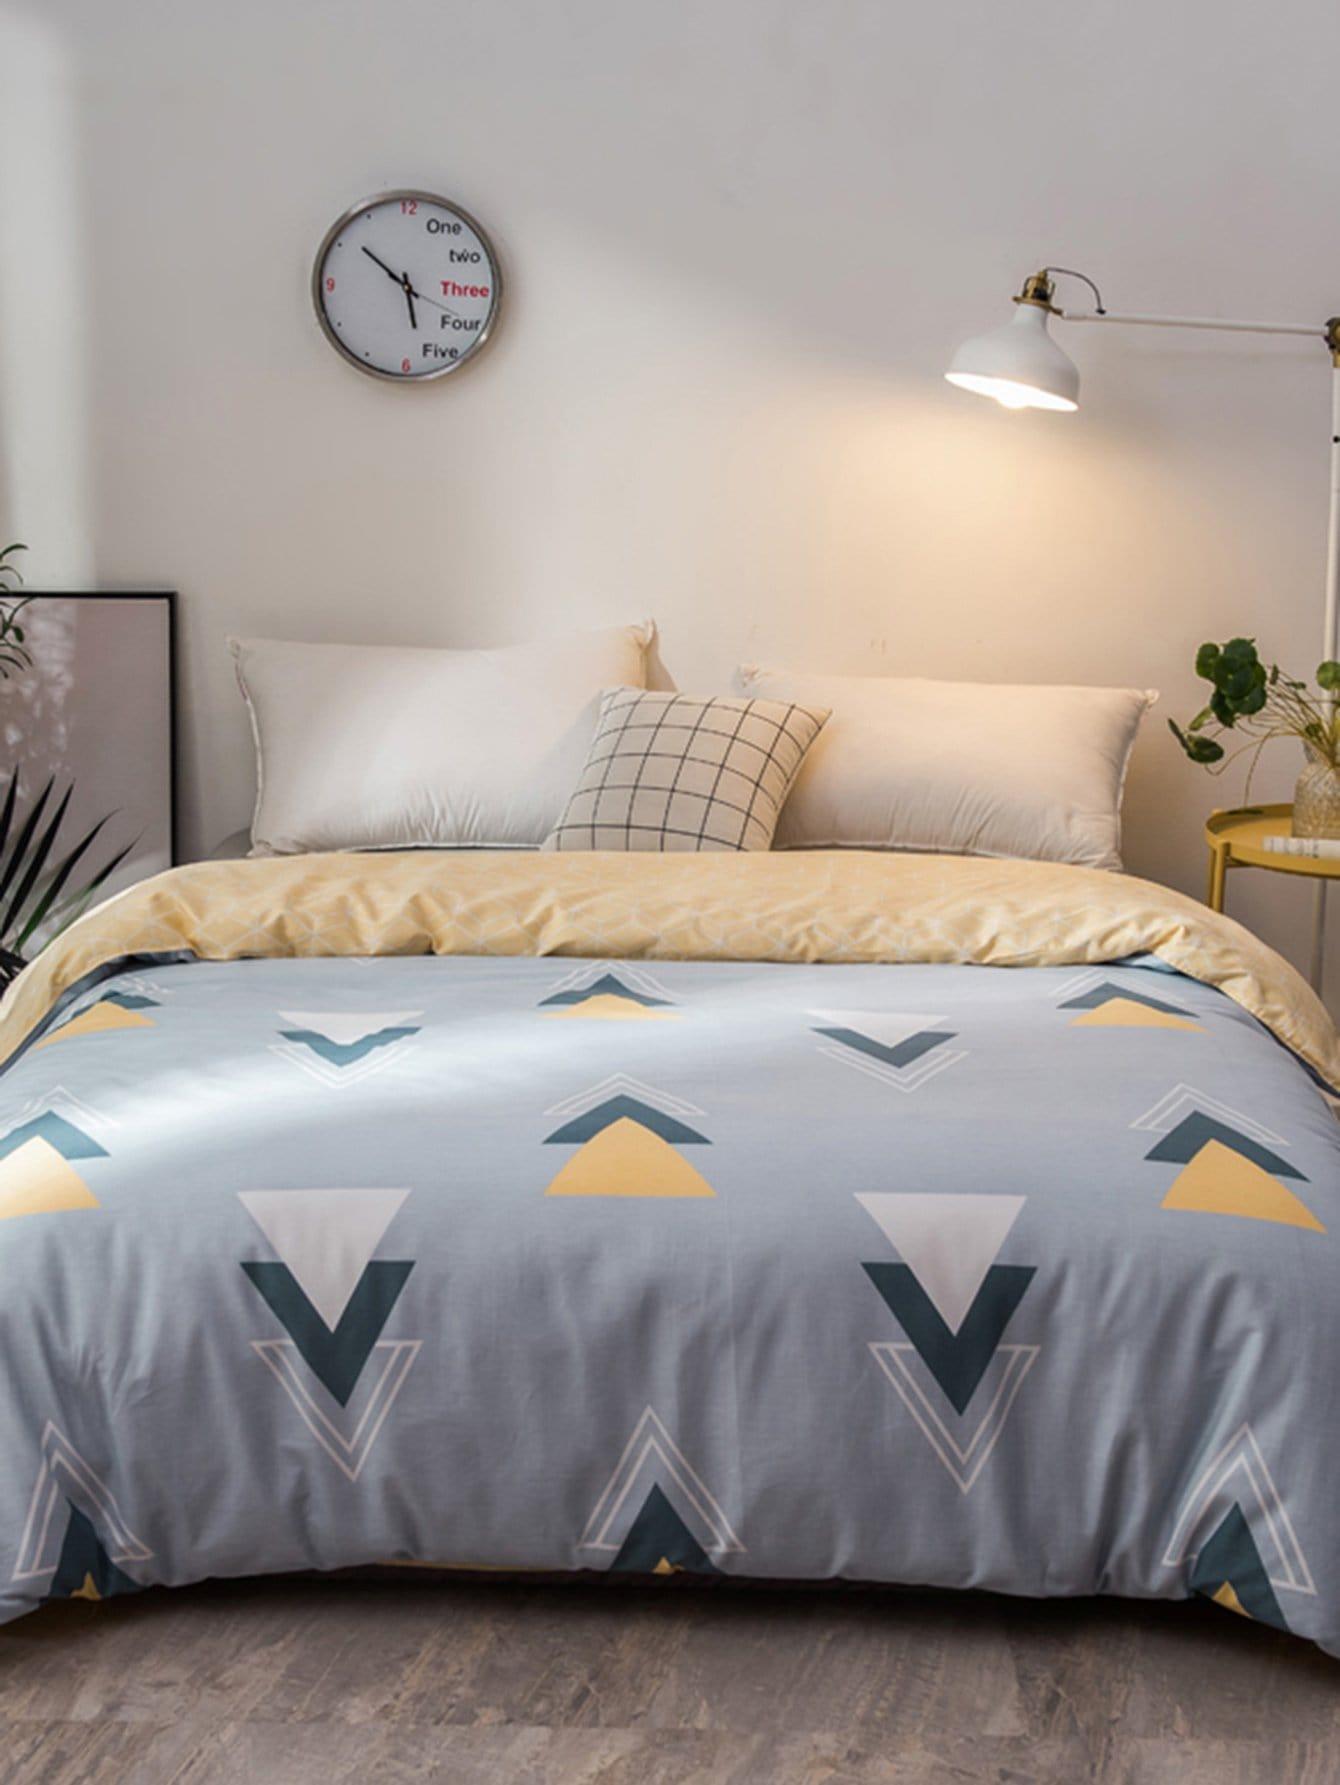 Купить Бархатное постельное бельё с рисунками геометрических фигур 1 шт, null, SheIn